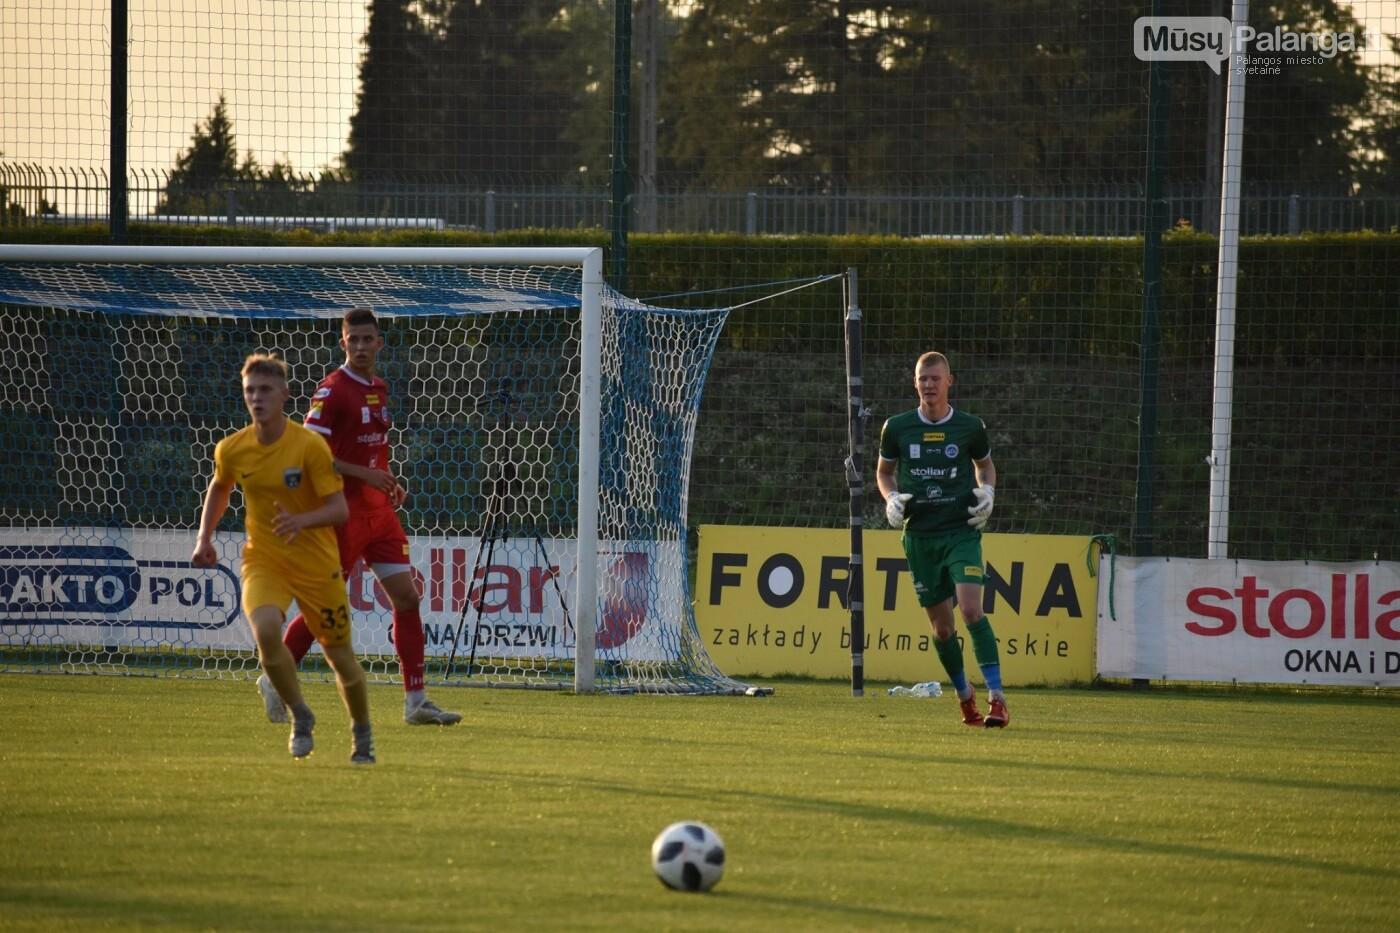 Kontrolinėse rungtynėse Lenkijoje – būrys peržiūroje dalyvaujančių futbolininkų bei naujas treneris, nuotrauka-1